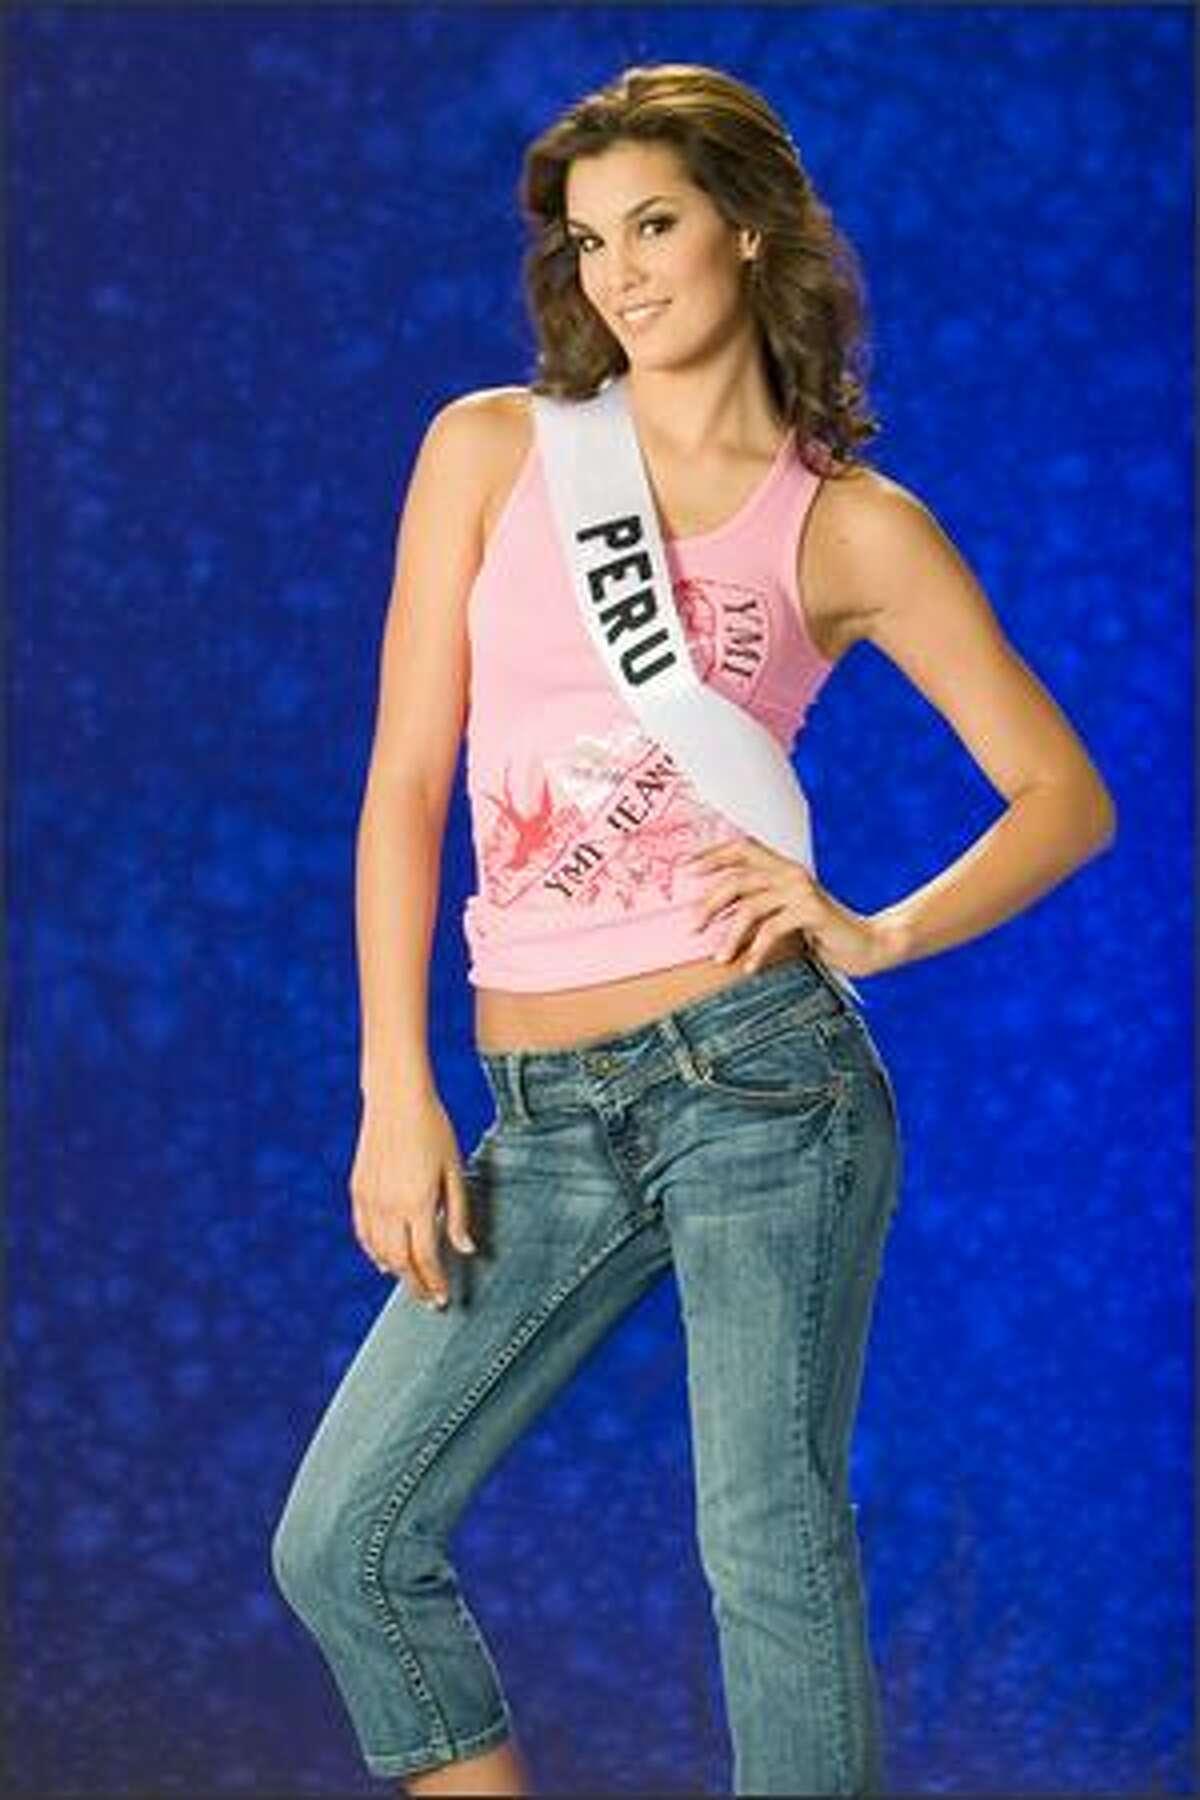 Jimena Elias, Miss Peru 2007.